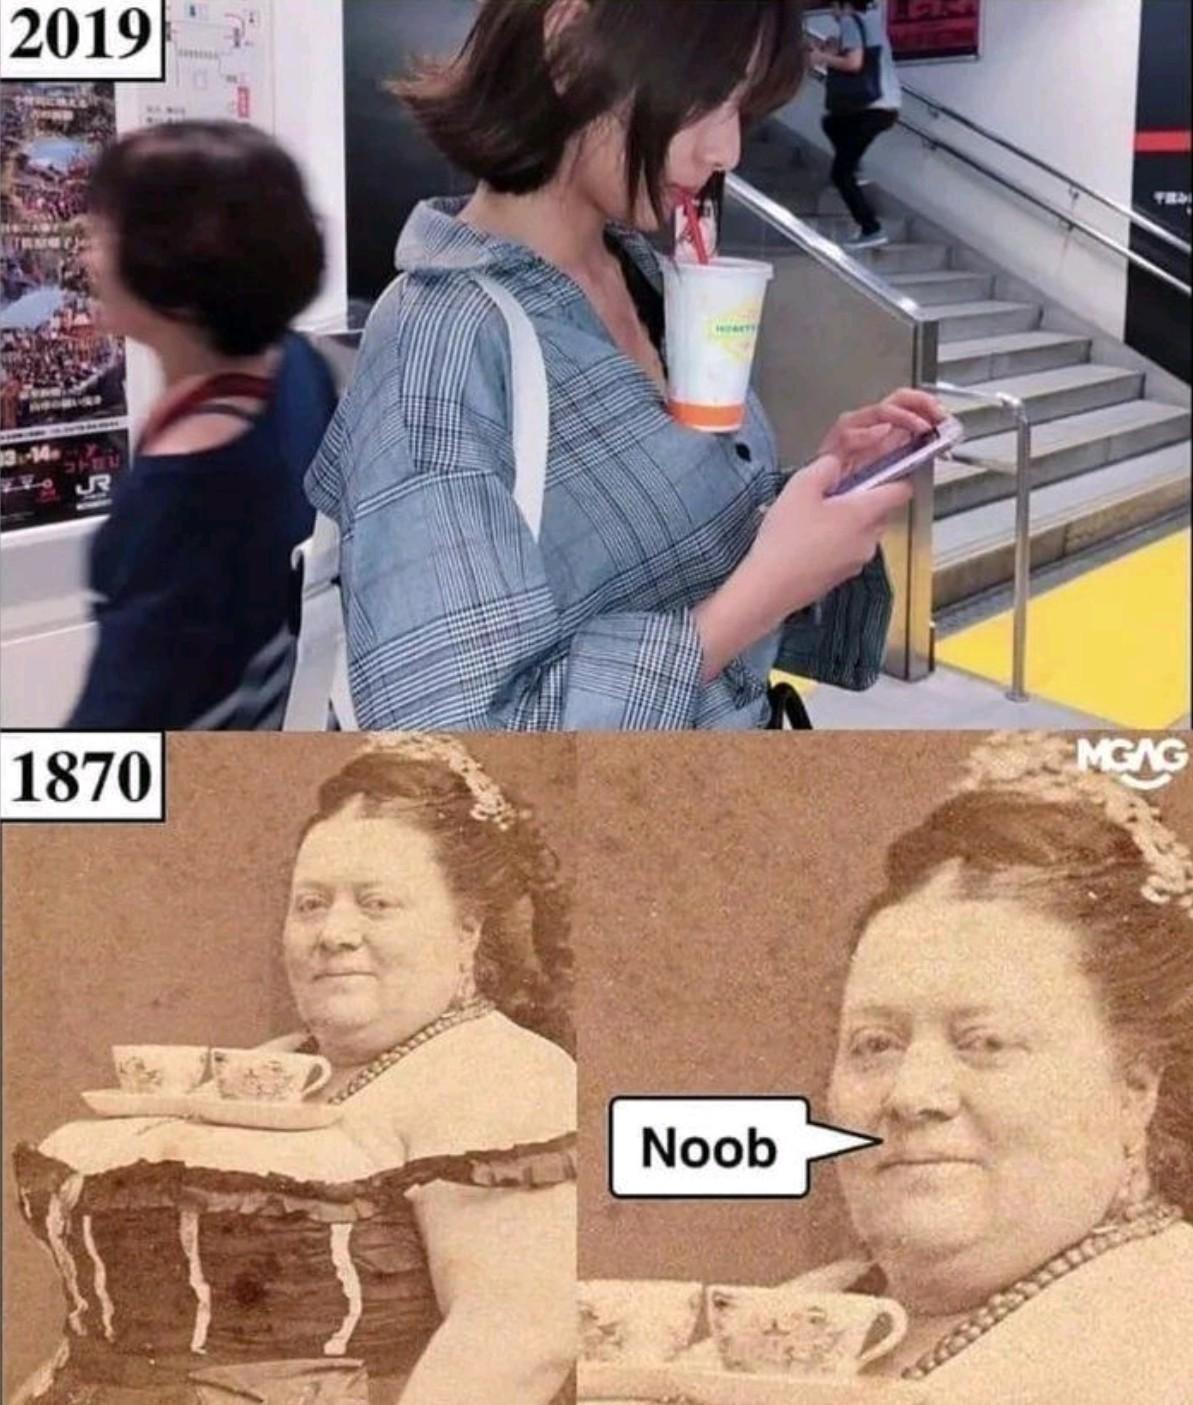 Noob - meme